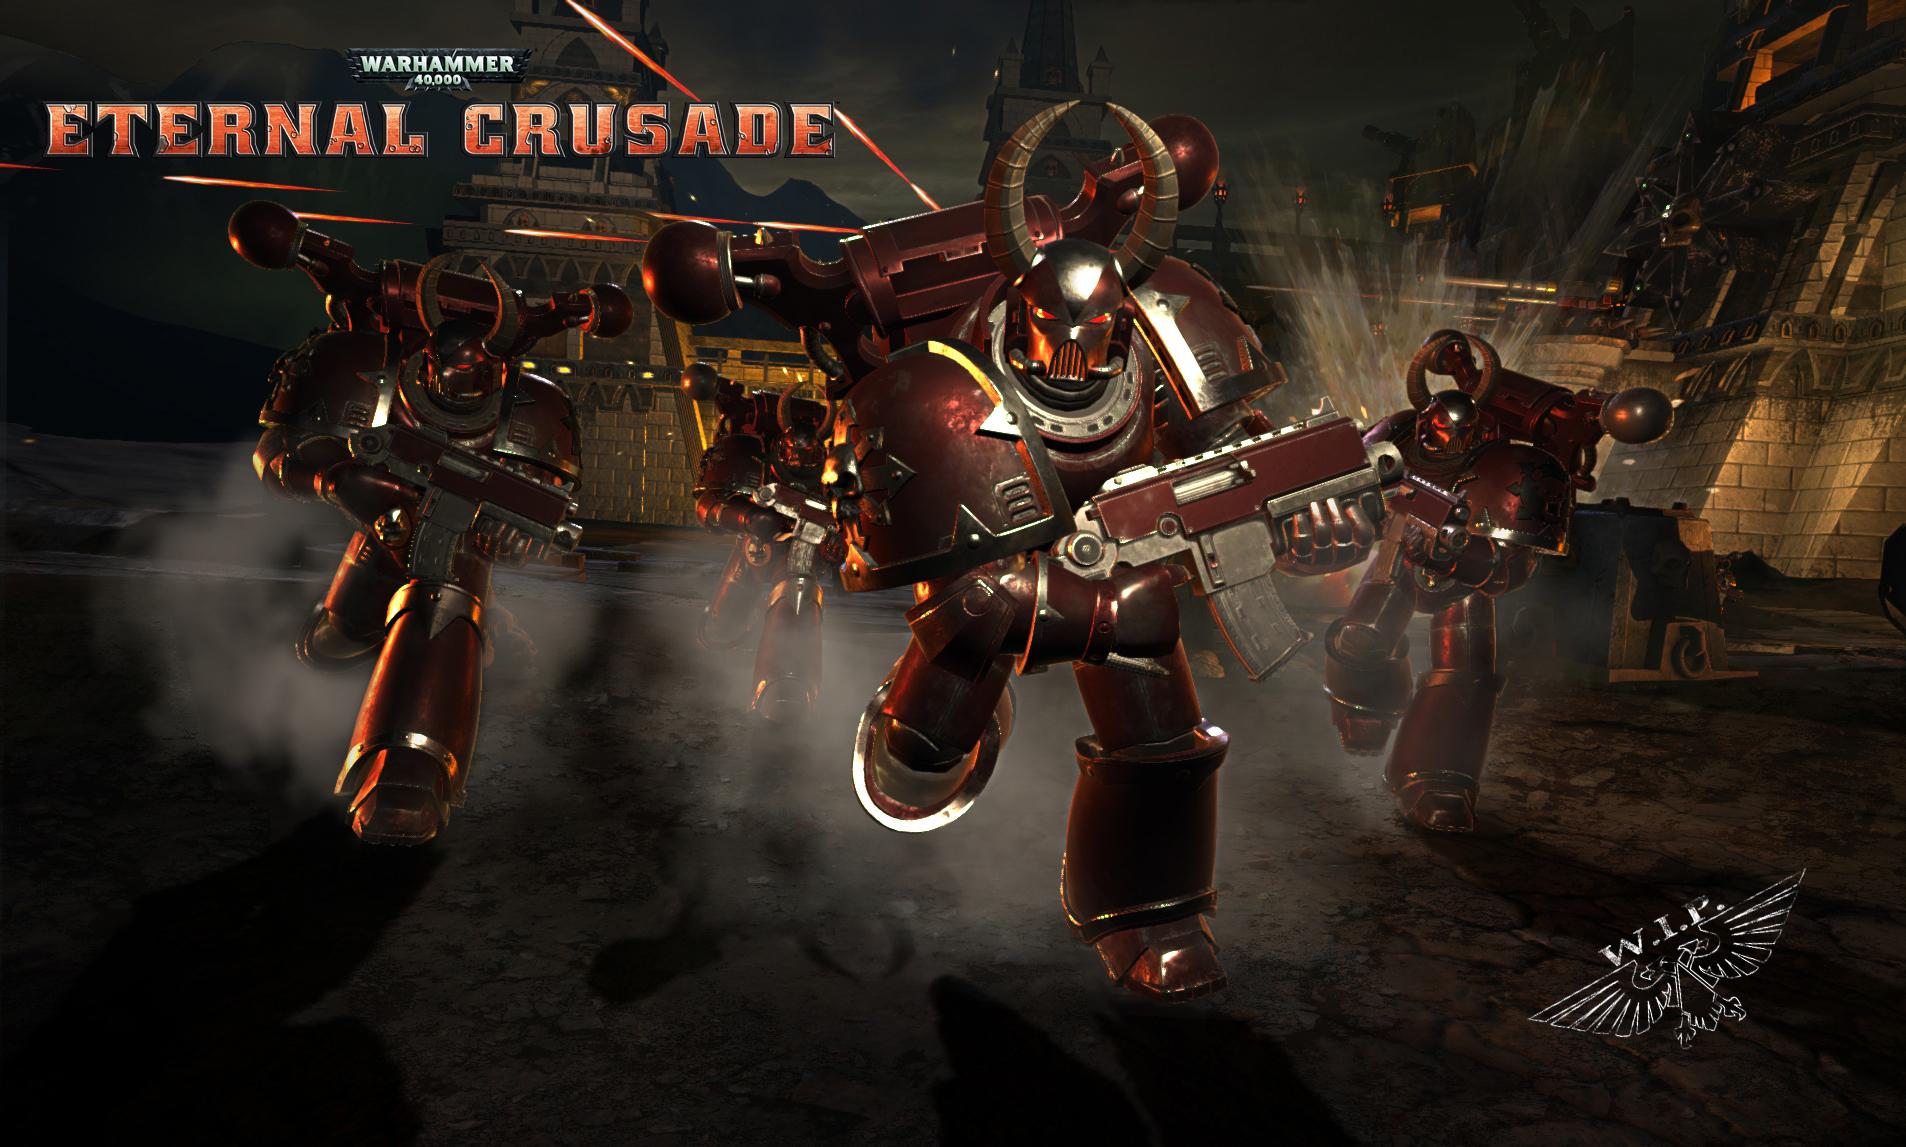 Warhammer 40.000 : Eternal Crusade